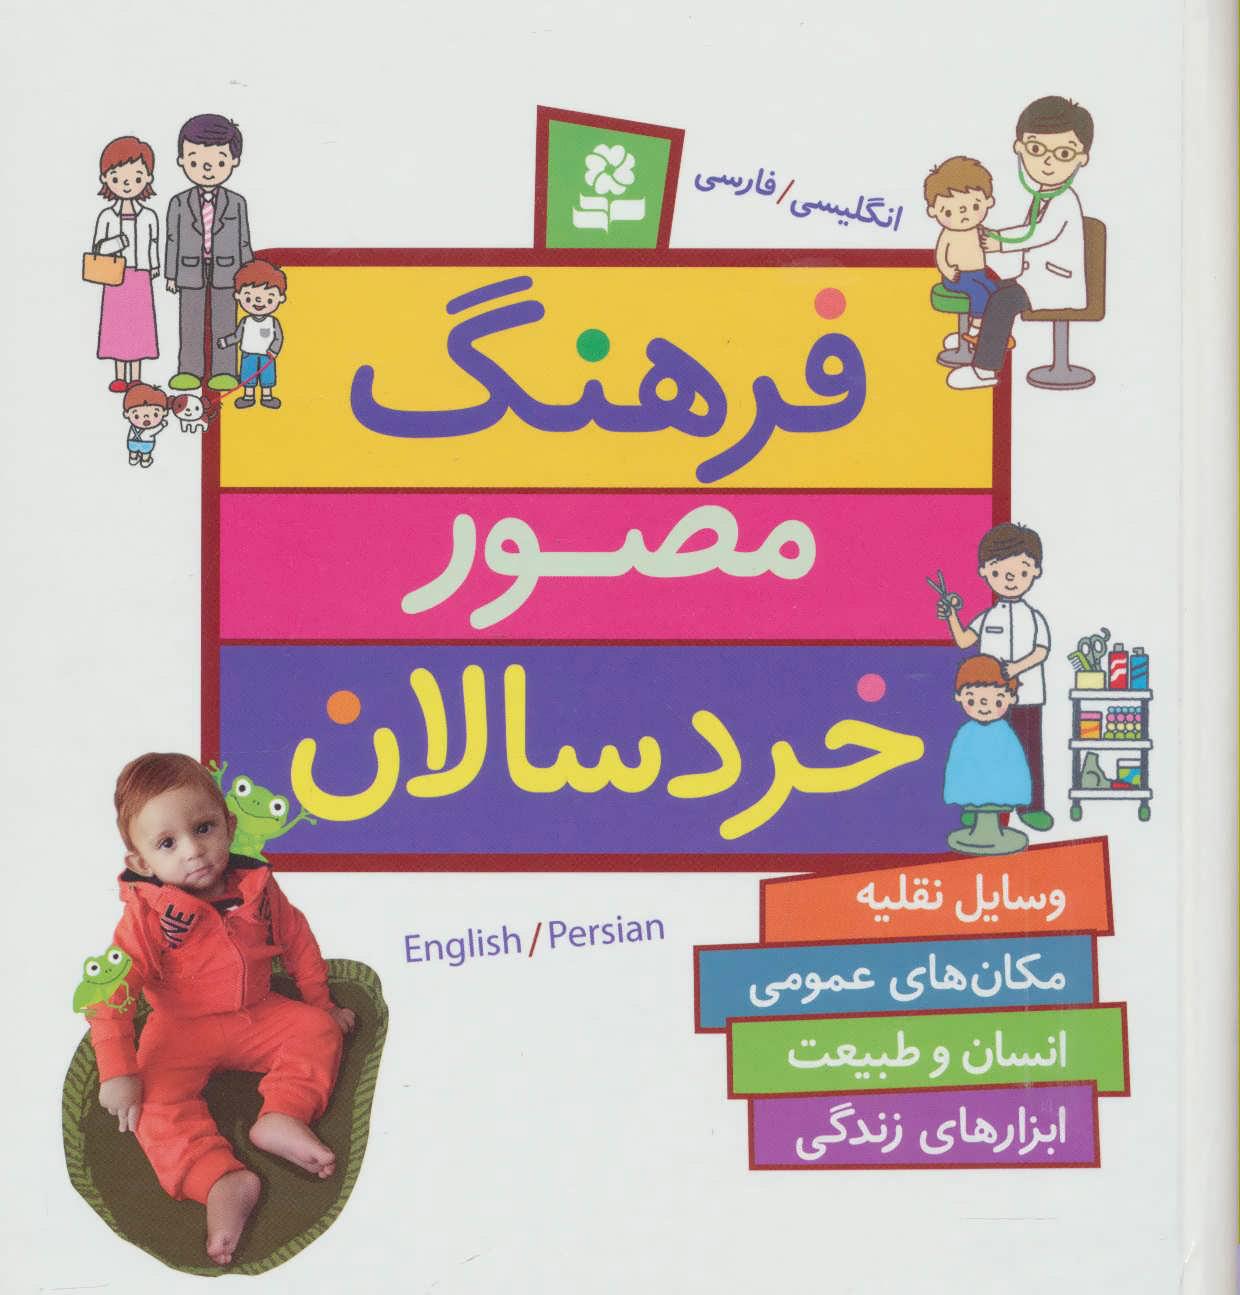 کتاب فرهنگ مصور خردسالان